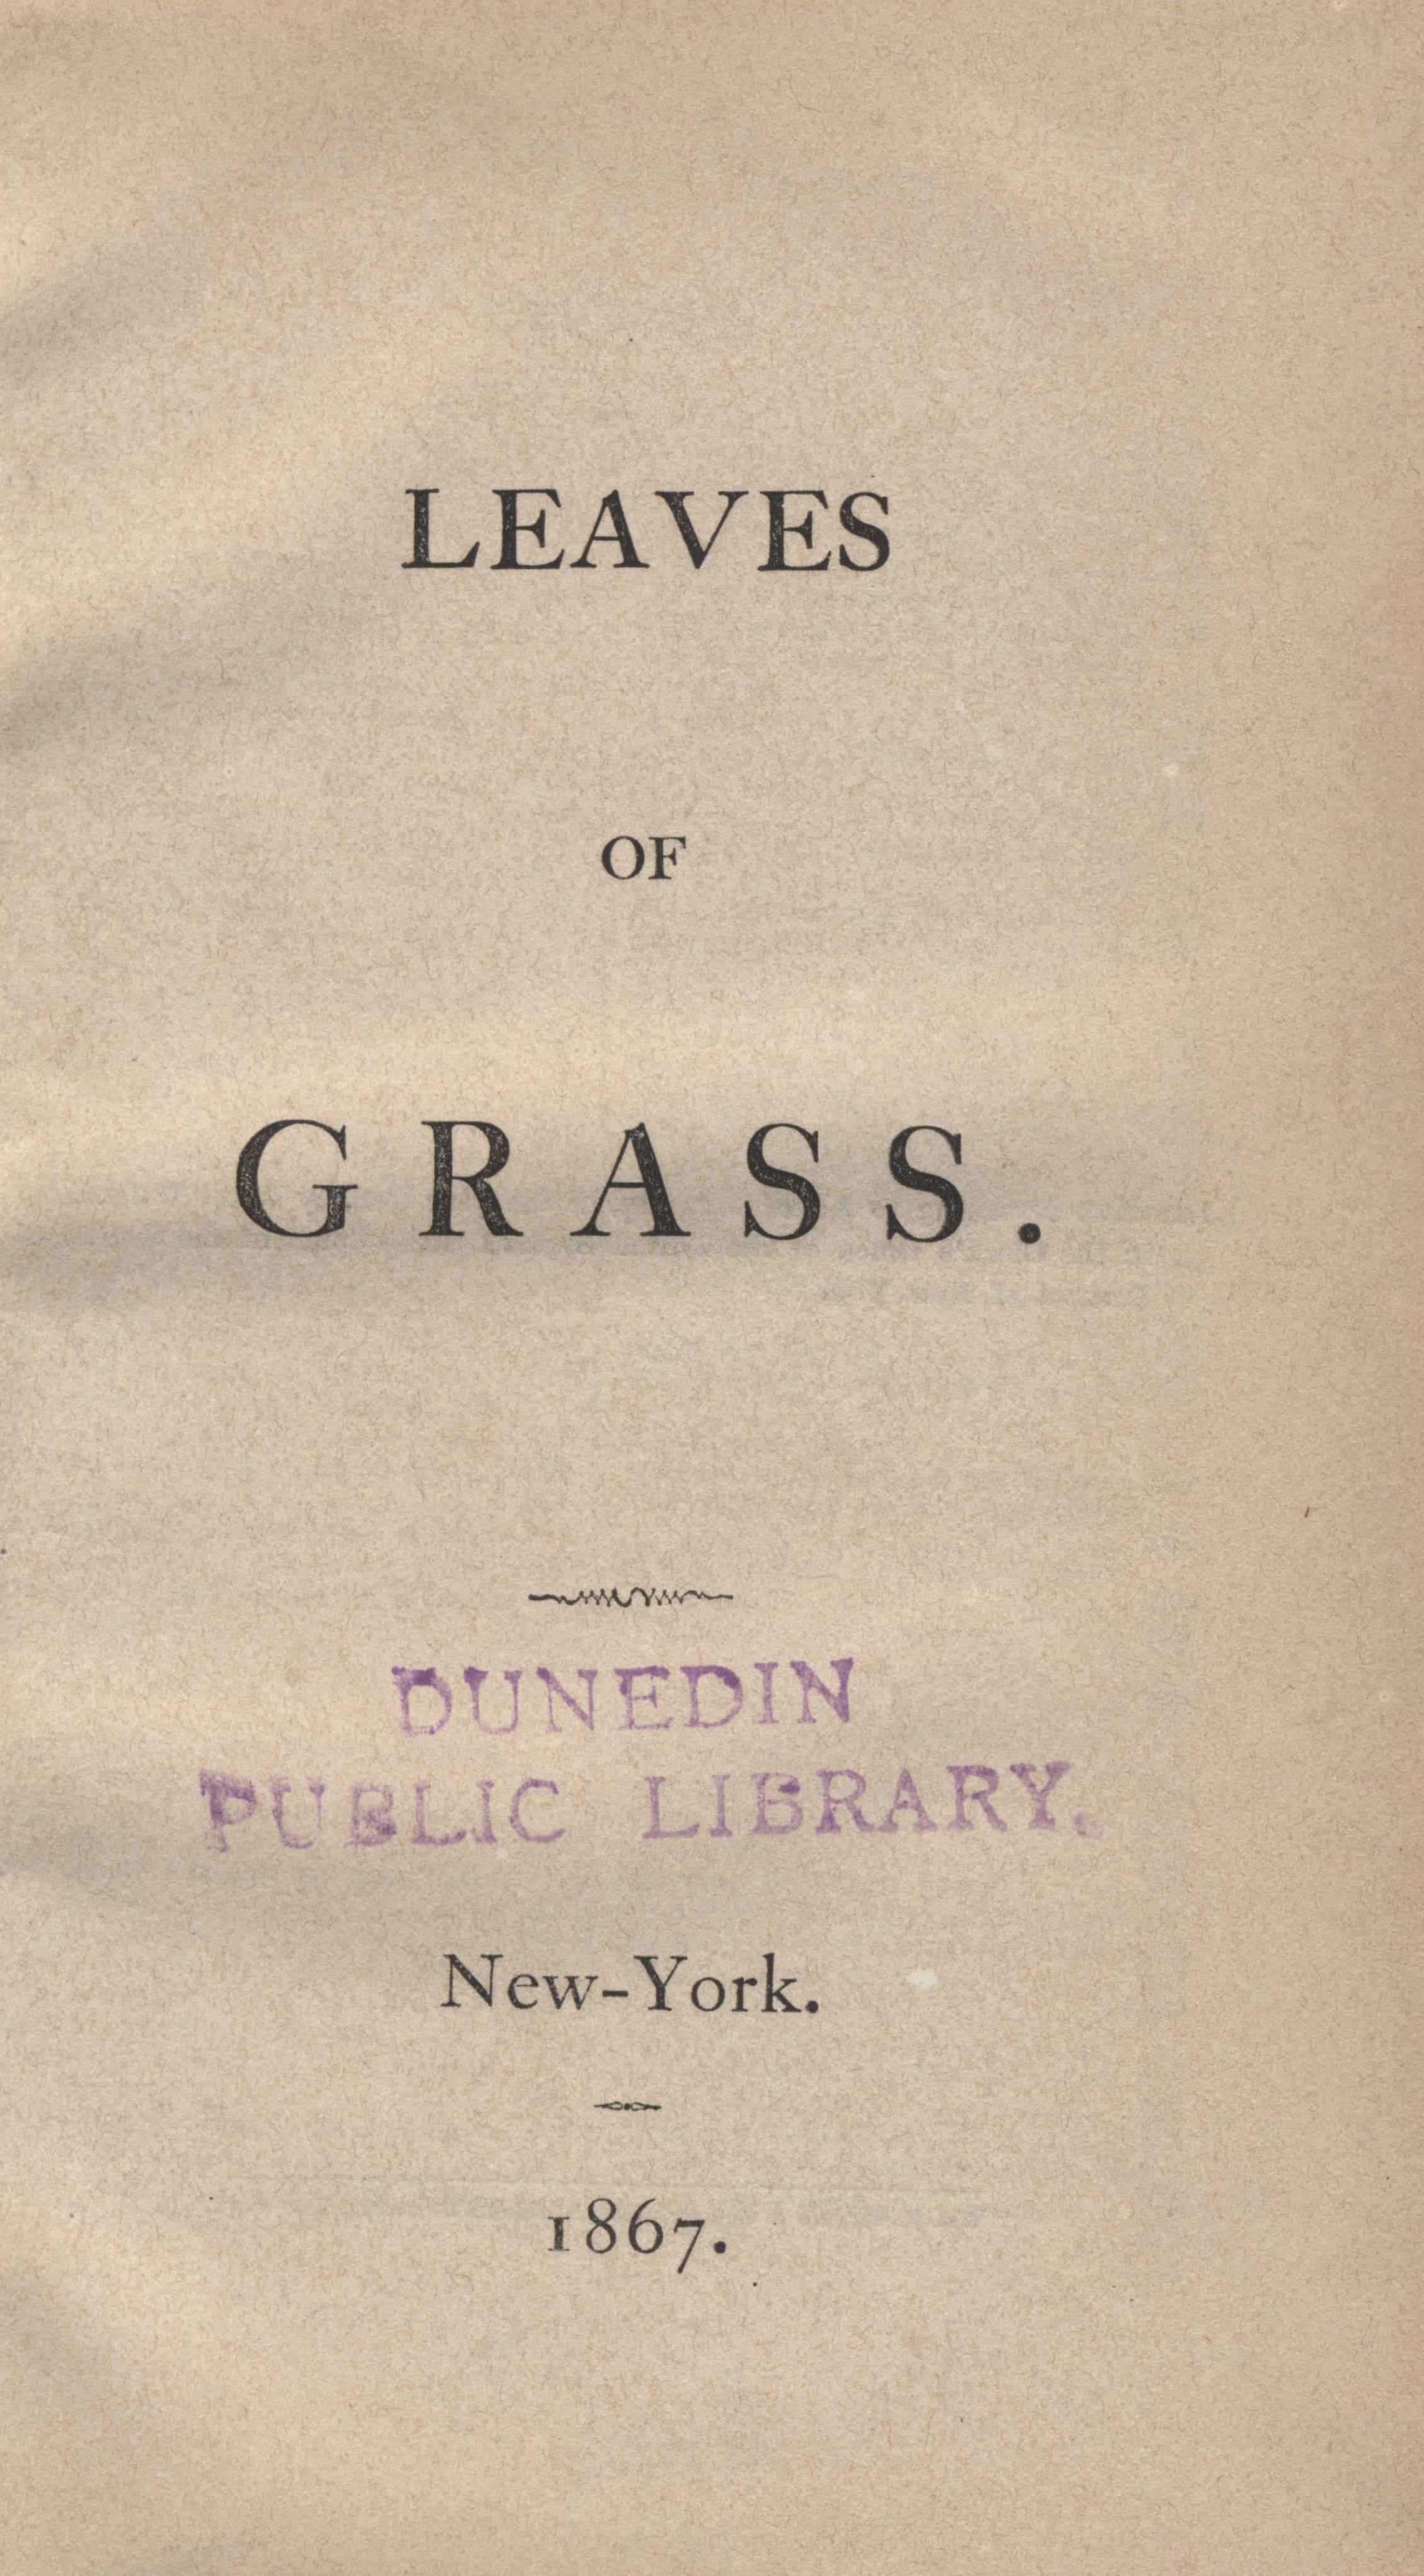 Walt Whitman. Leaves of Grass. New York, 1867.